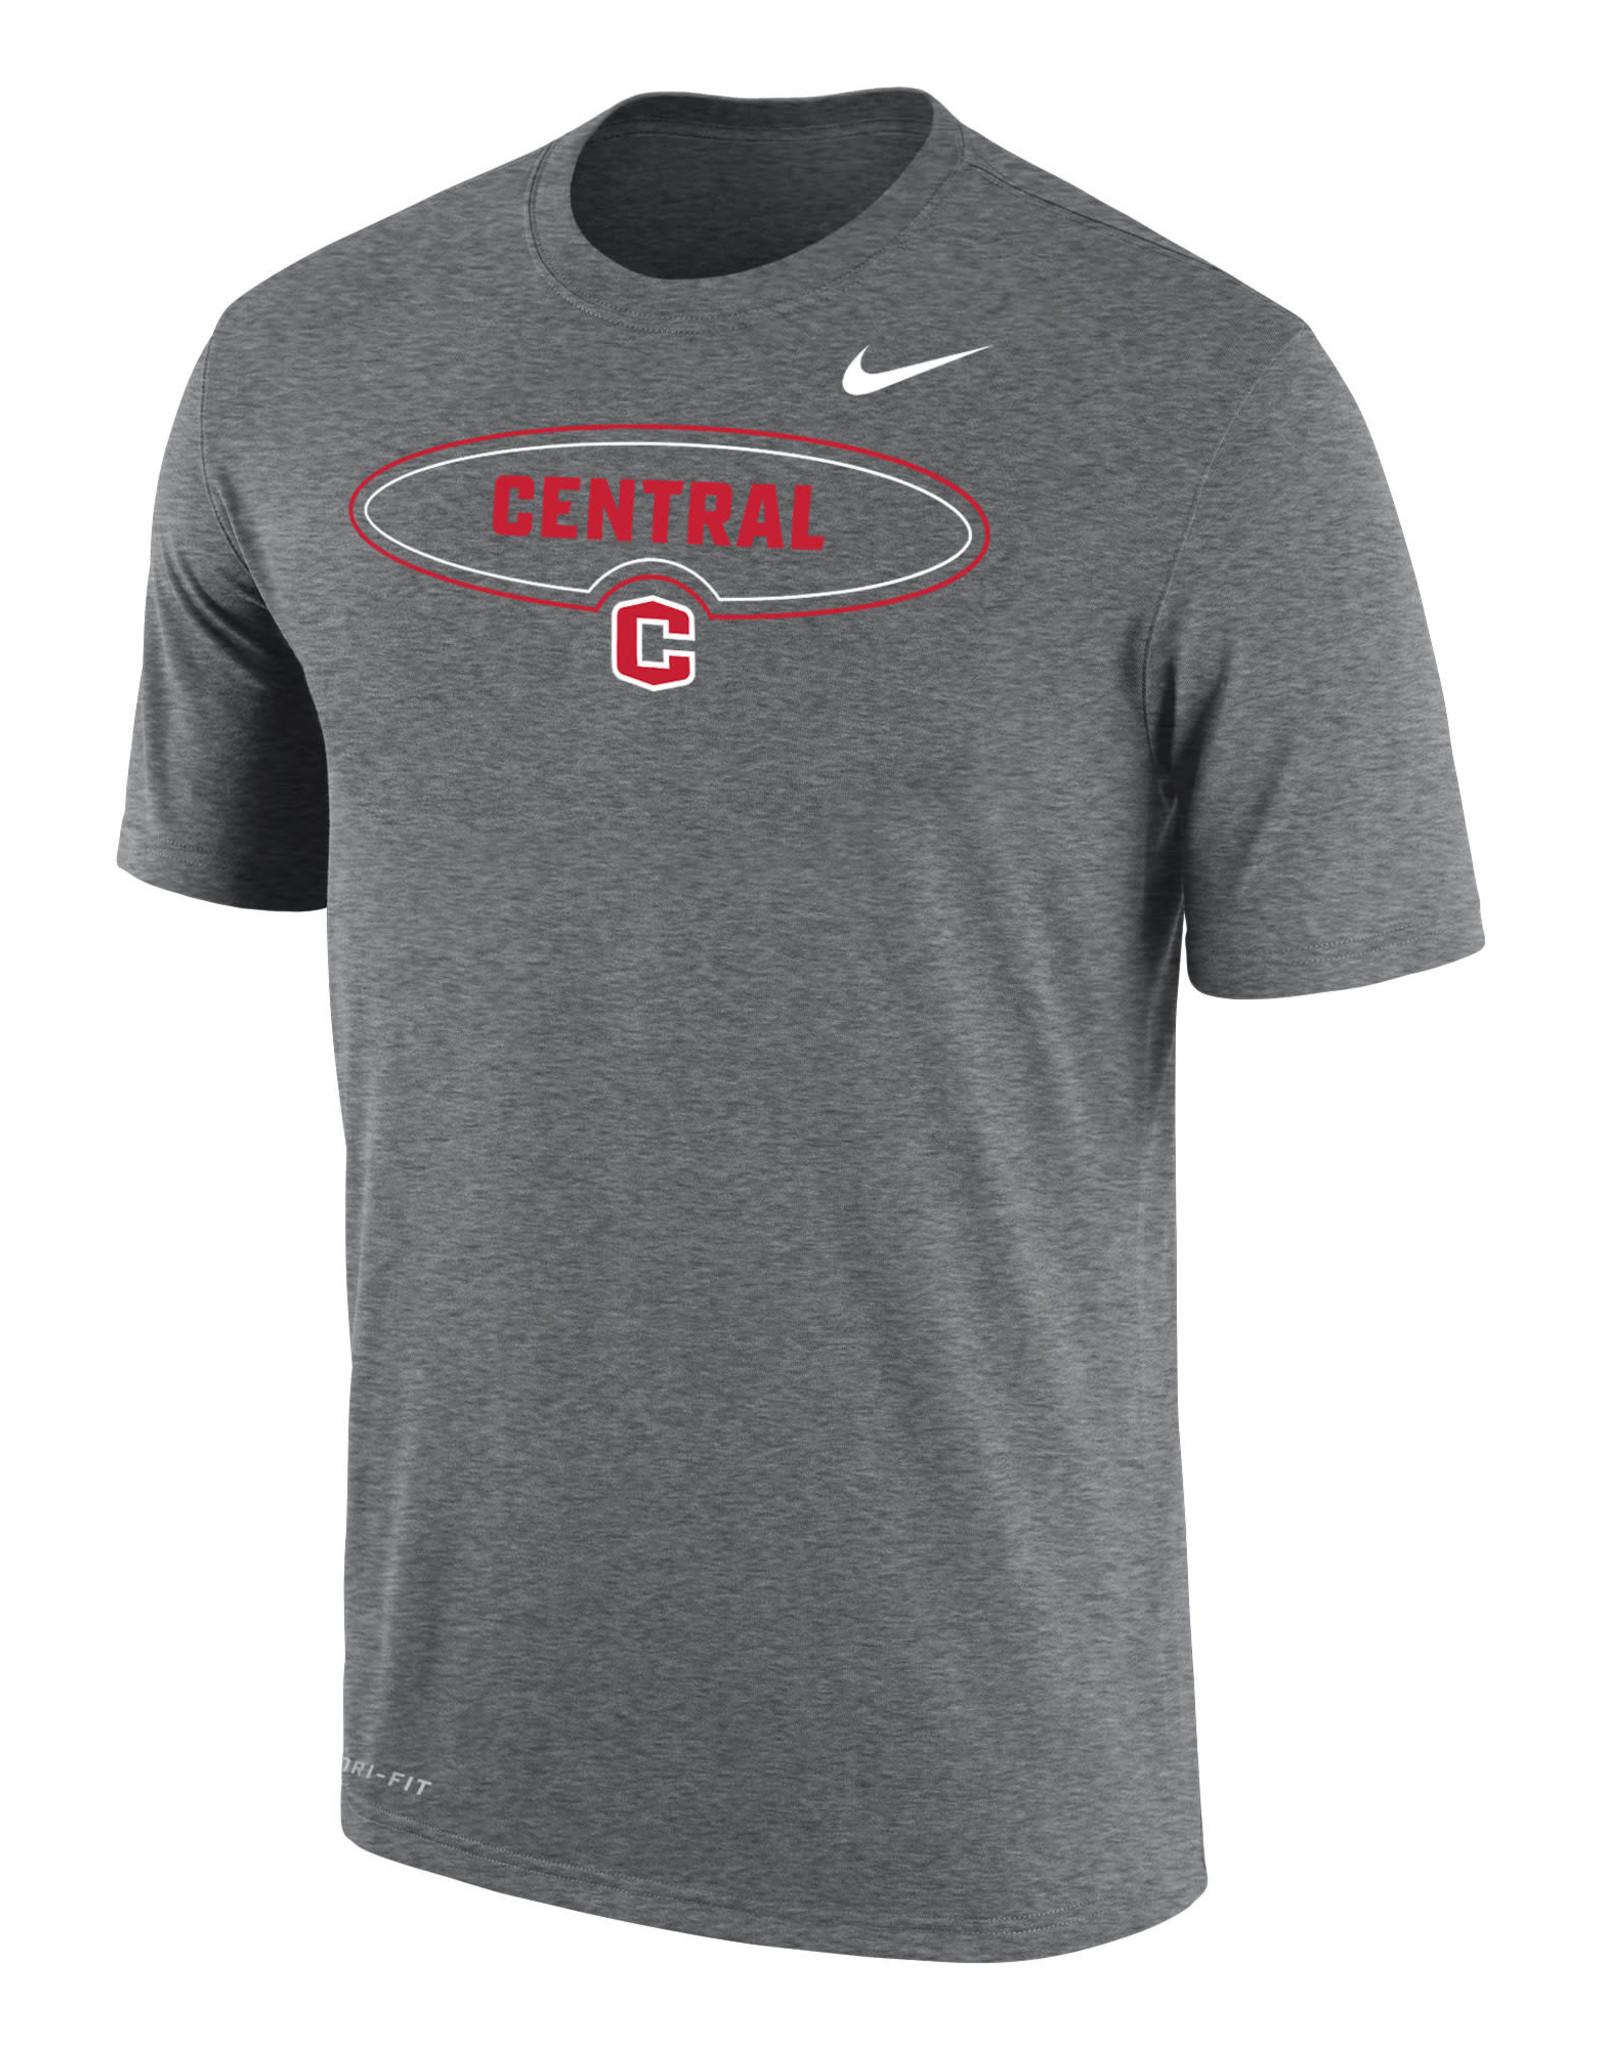 Nike Nike Dri-Fit Tee Oval C Heather